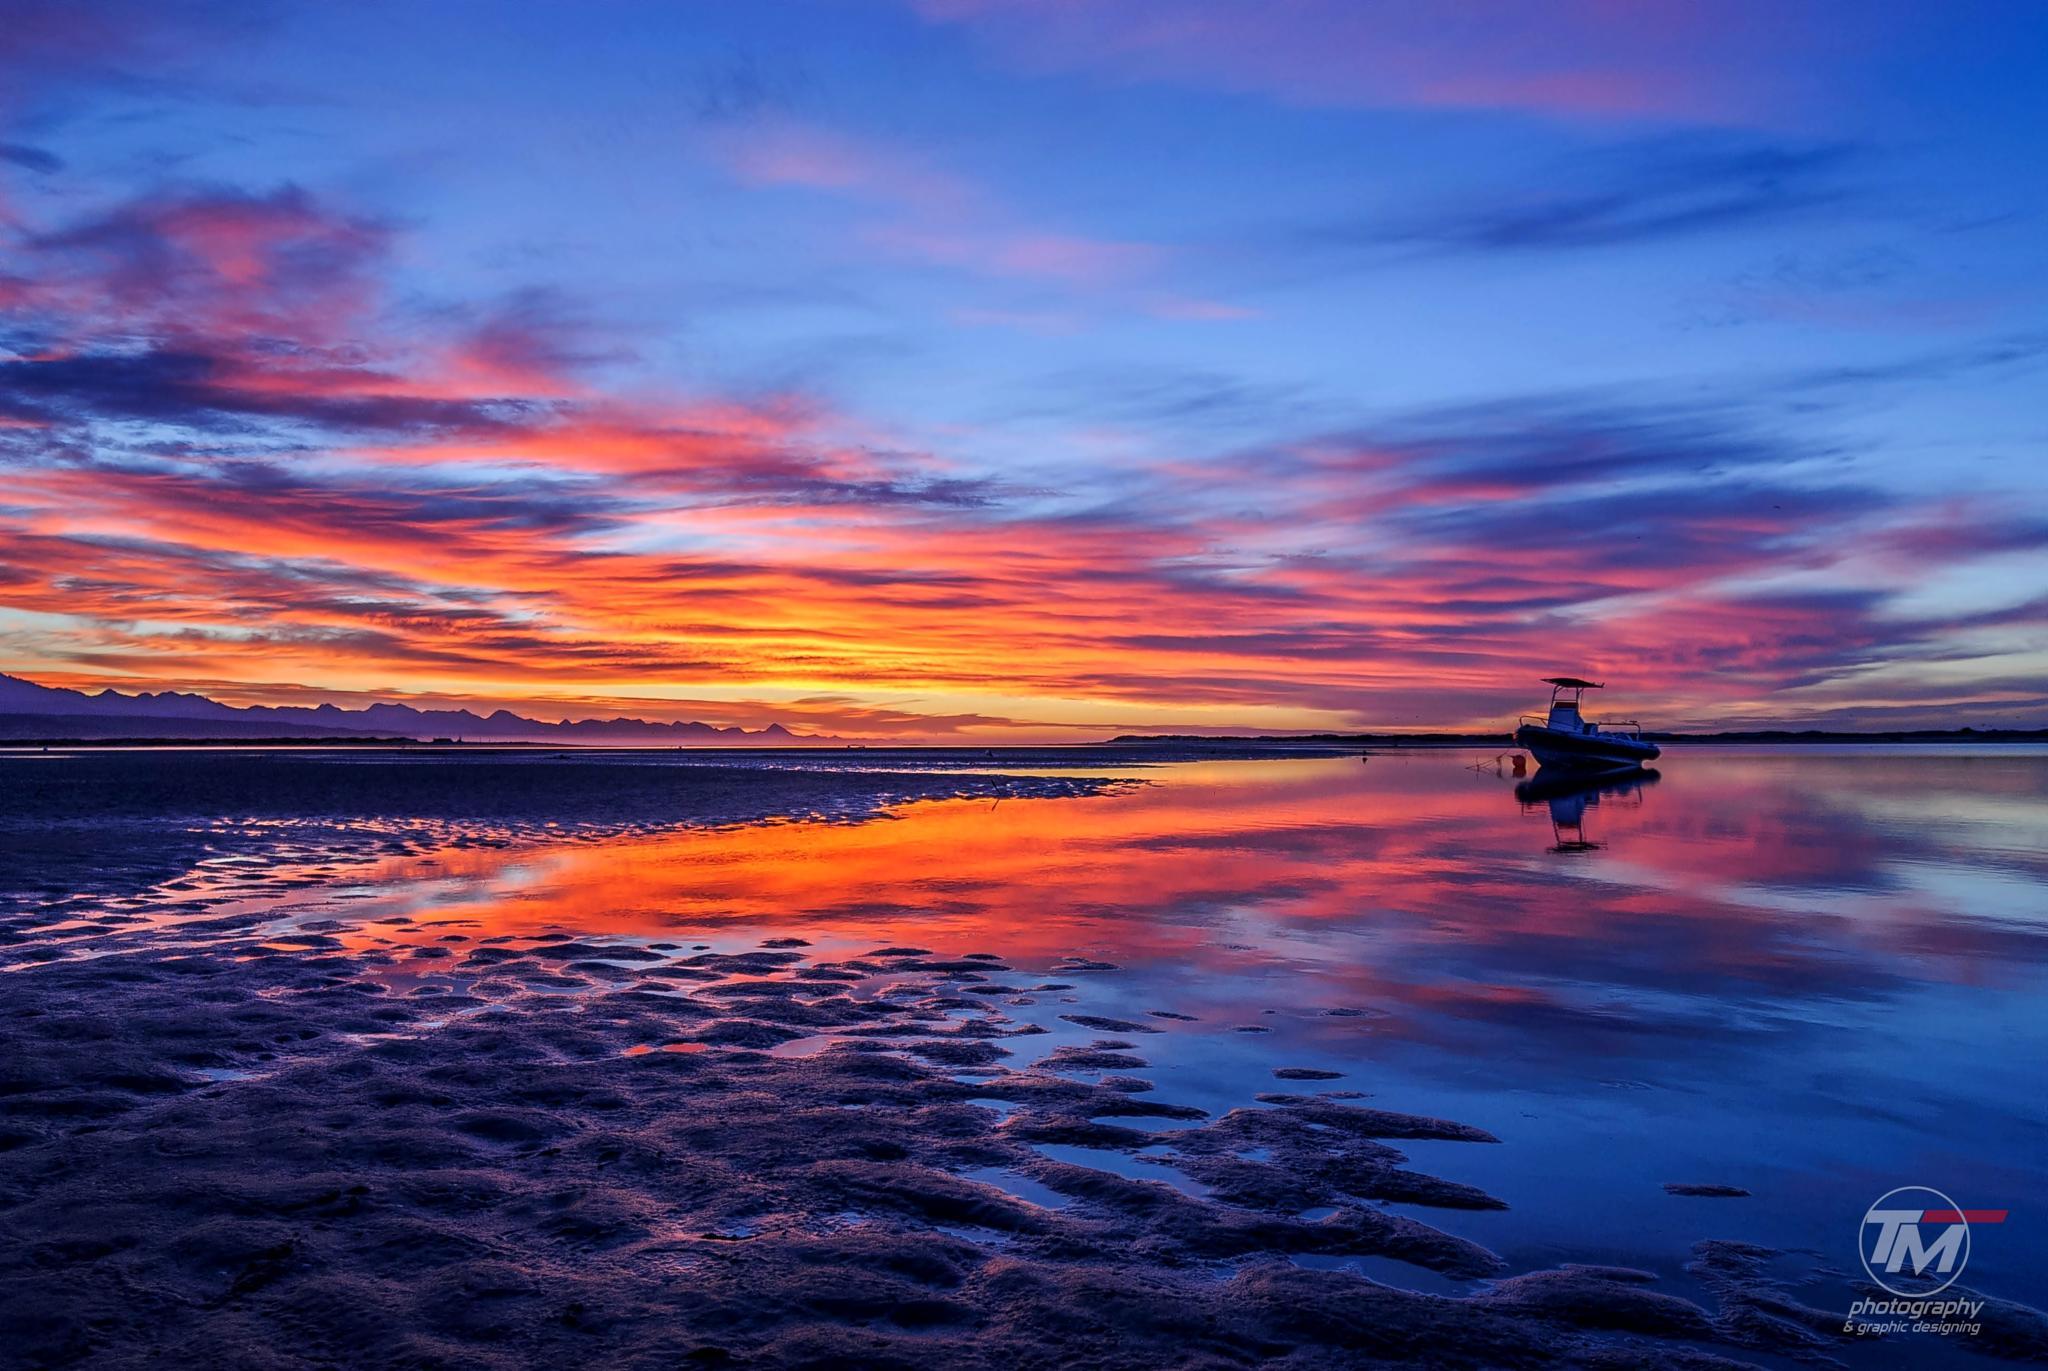 Poortjies Sunrise by Trevarri Rademeyer